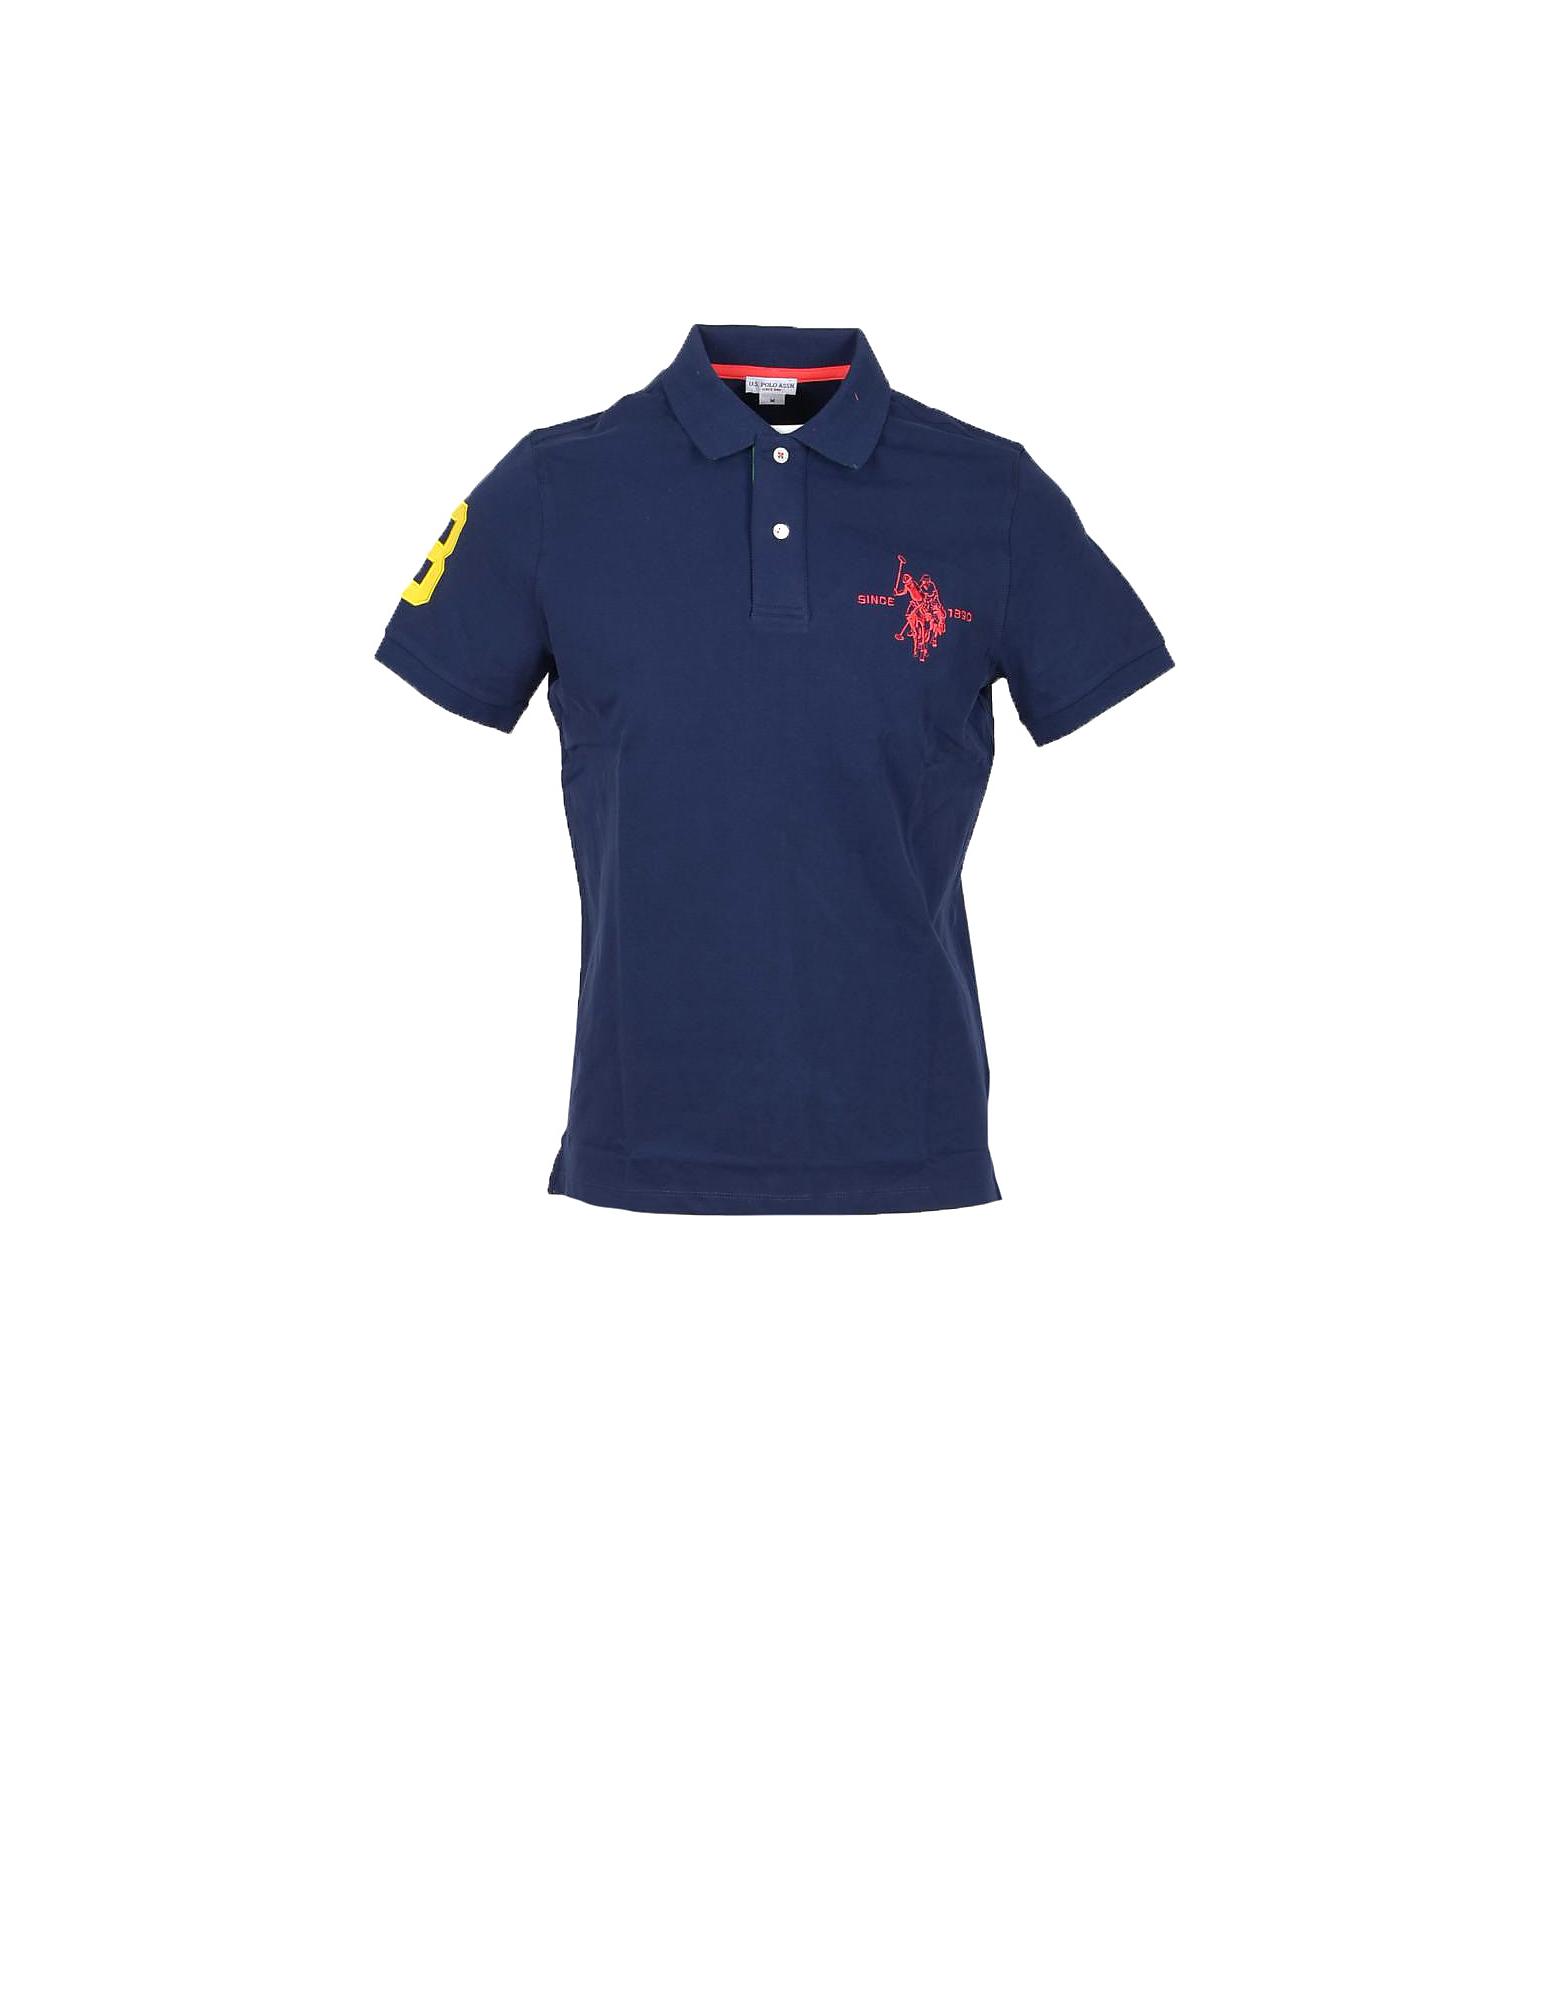 U.S. Polo Assn. Designer Polo Shirts, Dark Blue Piqué Cotton Men's Polo Shirt